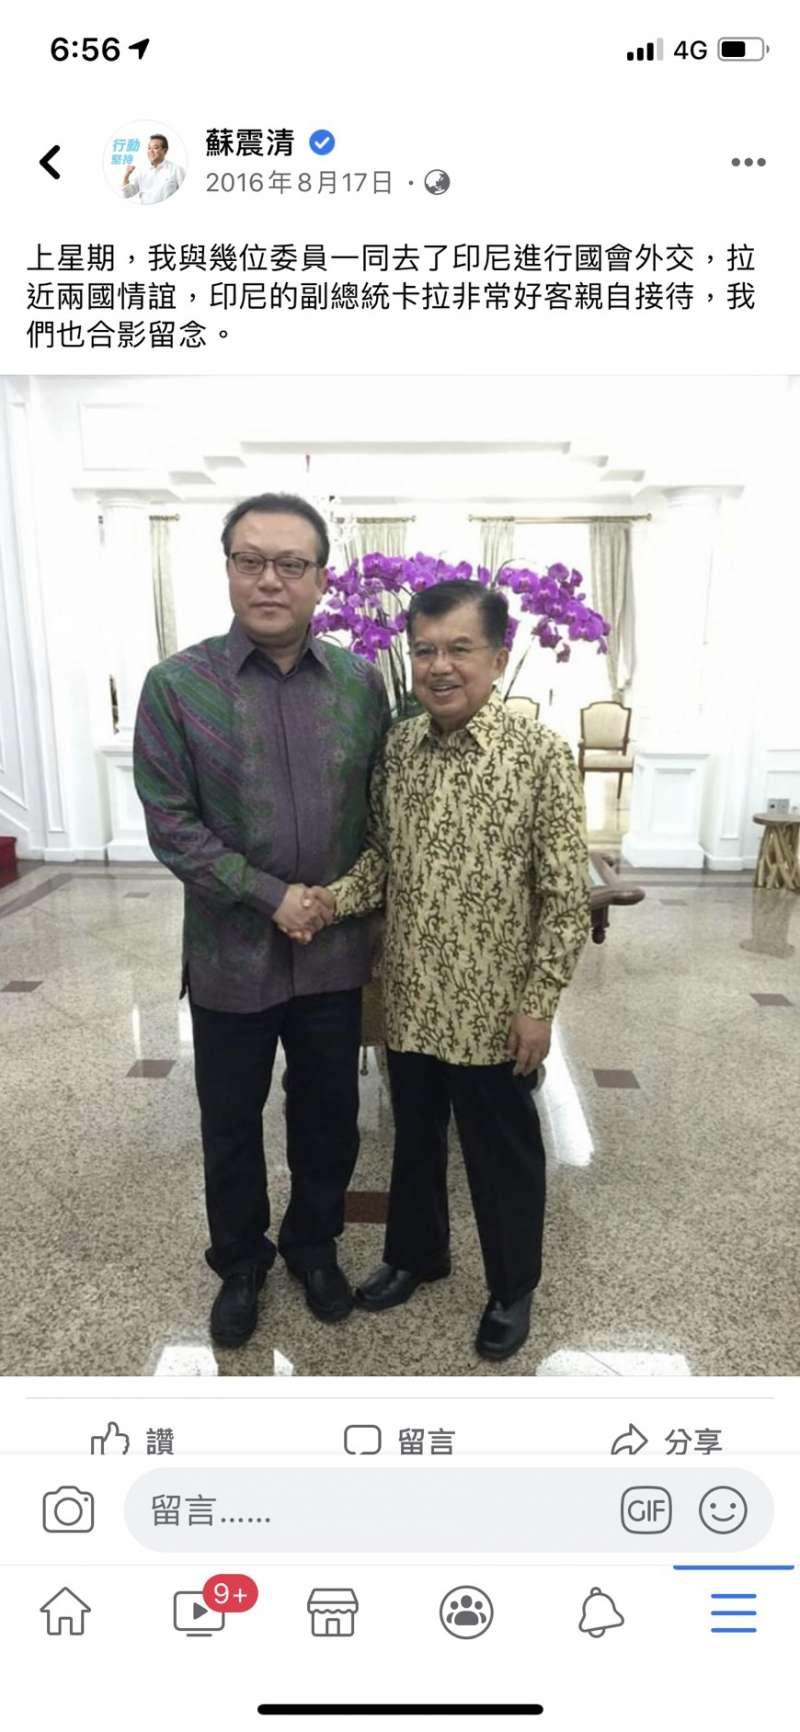 蘇震清2016年8月訪問印尼(蘇震清臉書)